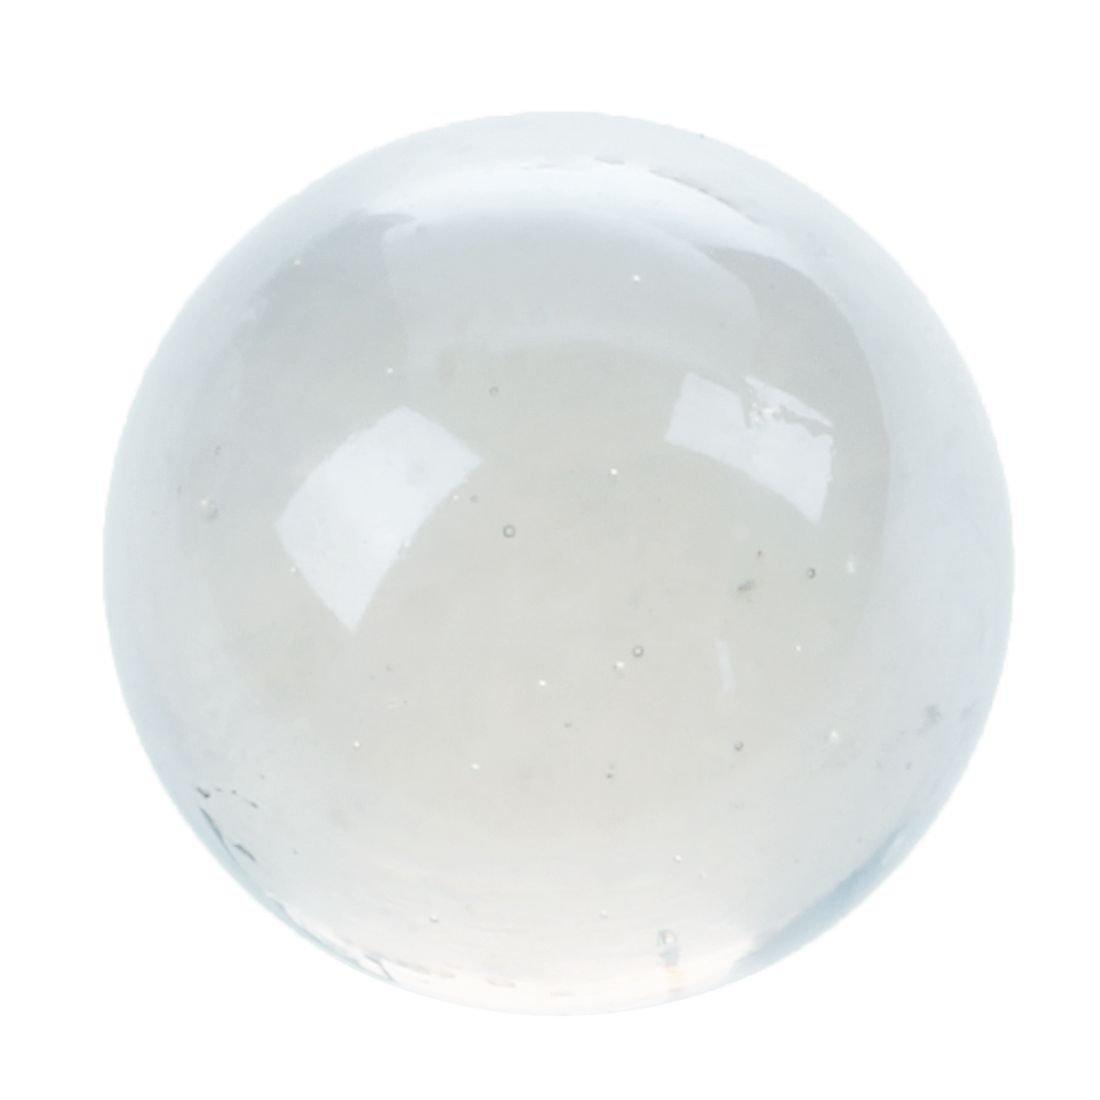 1 Bille d'art cristal de 5 cm en verre de Bohème Translucide sans bulle d'air